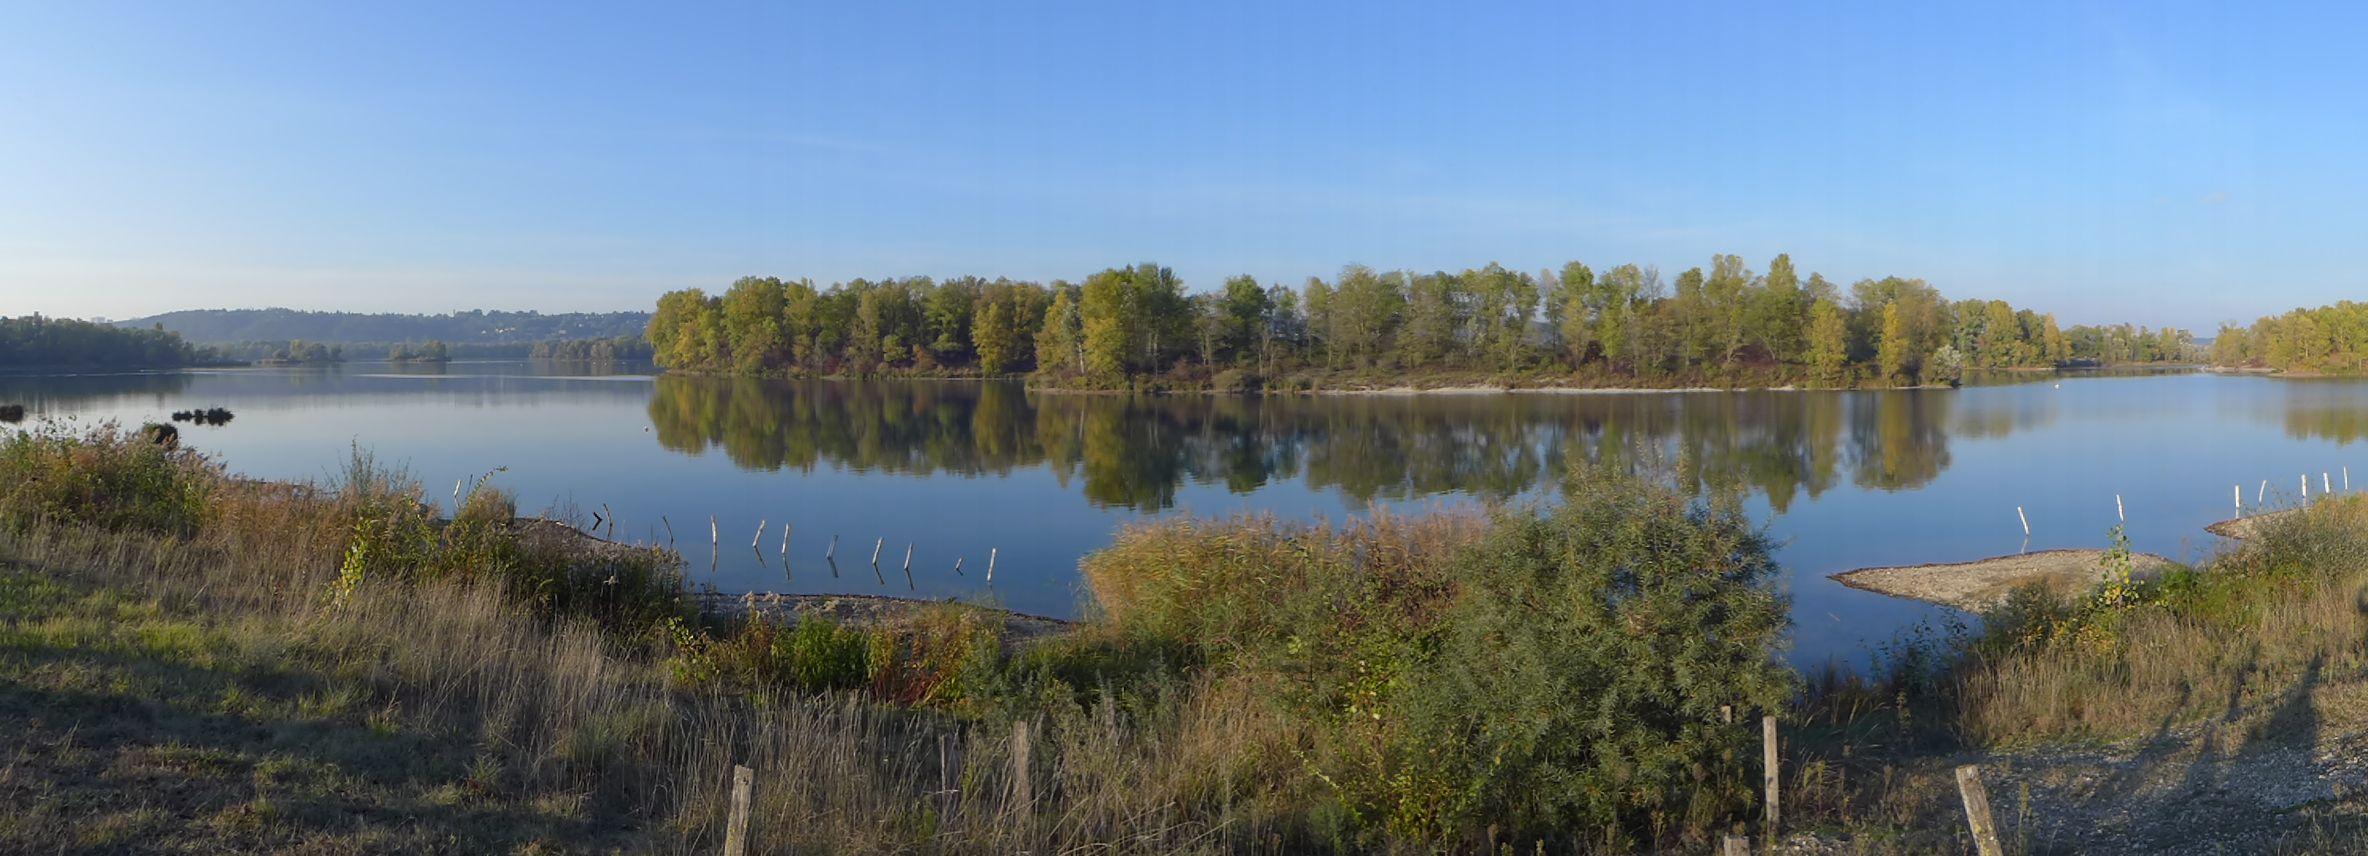 Lac des eaux bleues, automne, Miribel Jonage, région de Lyon